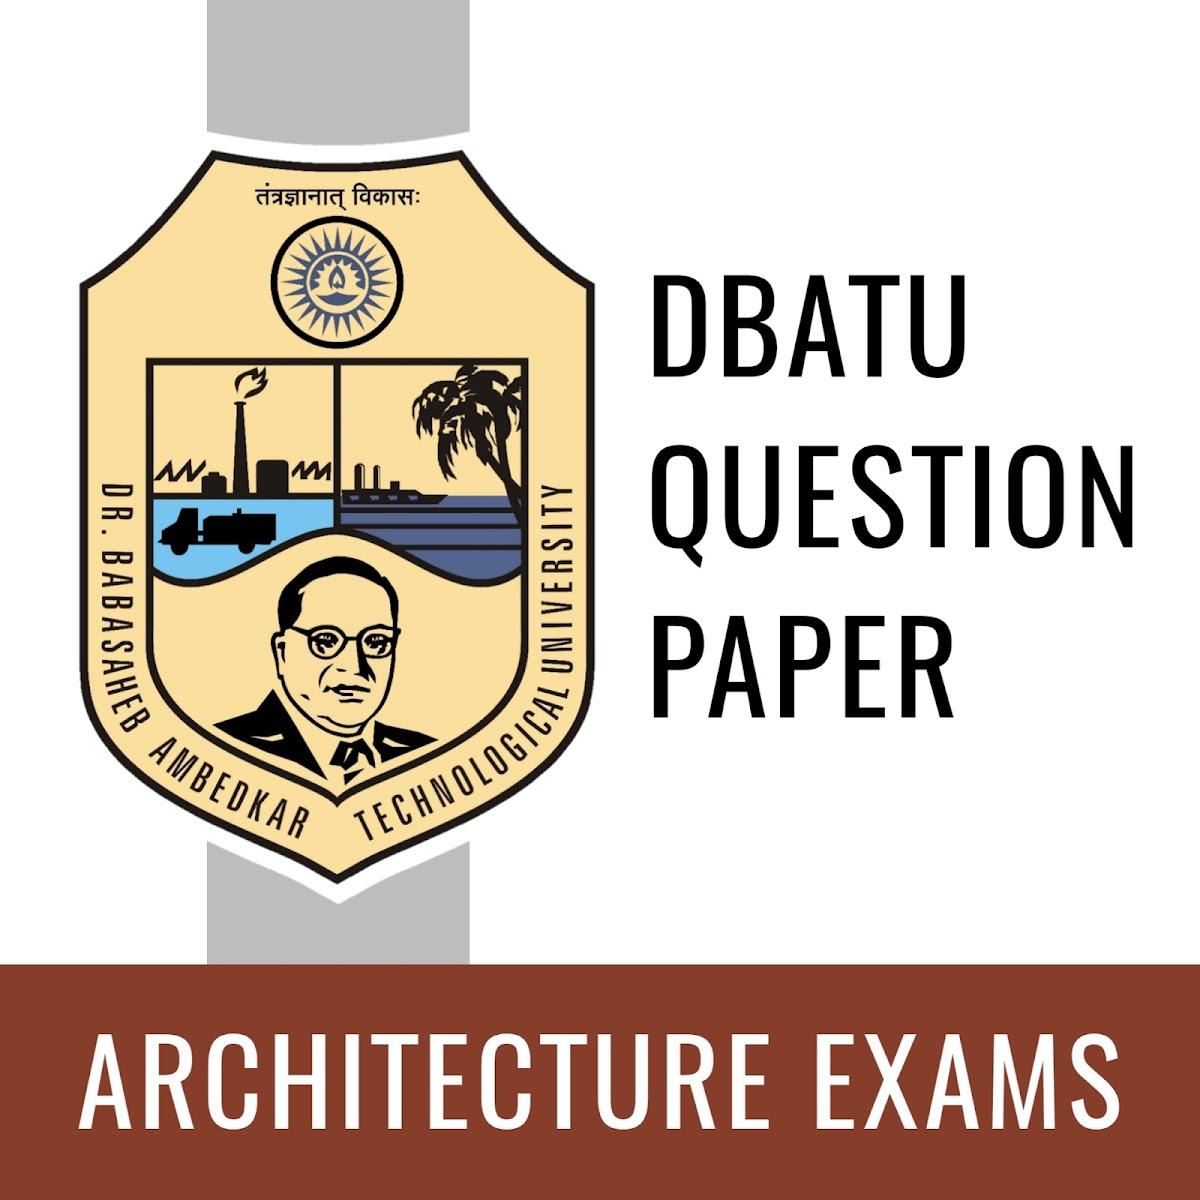 batu arch papers